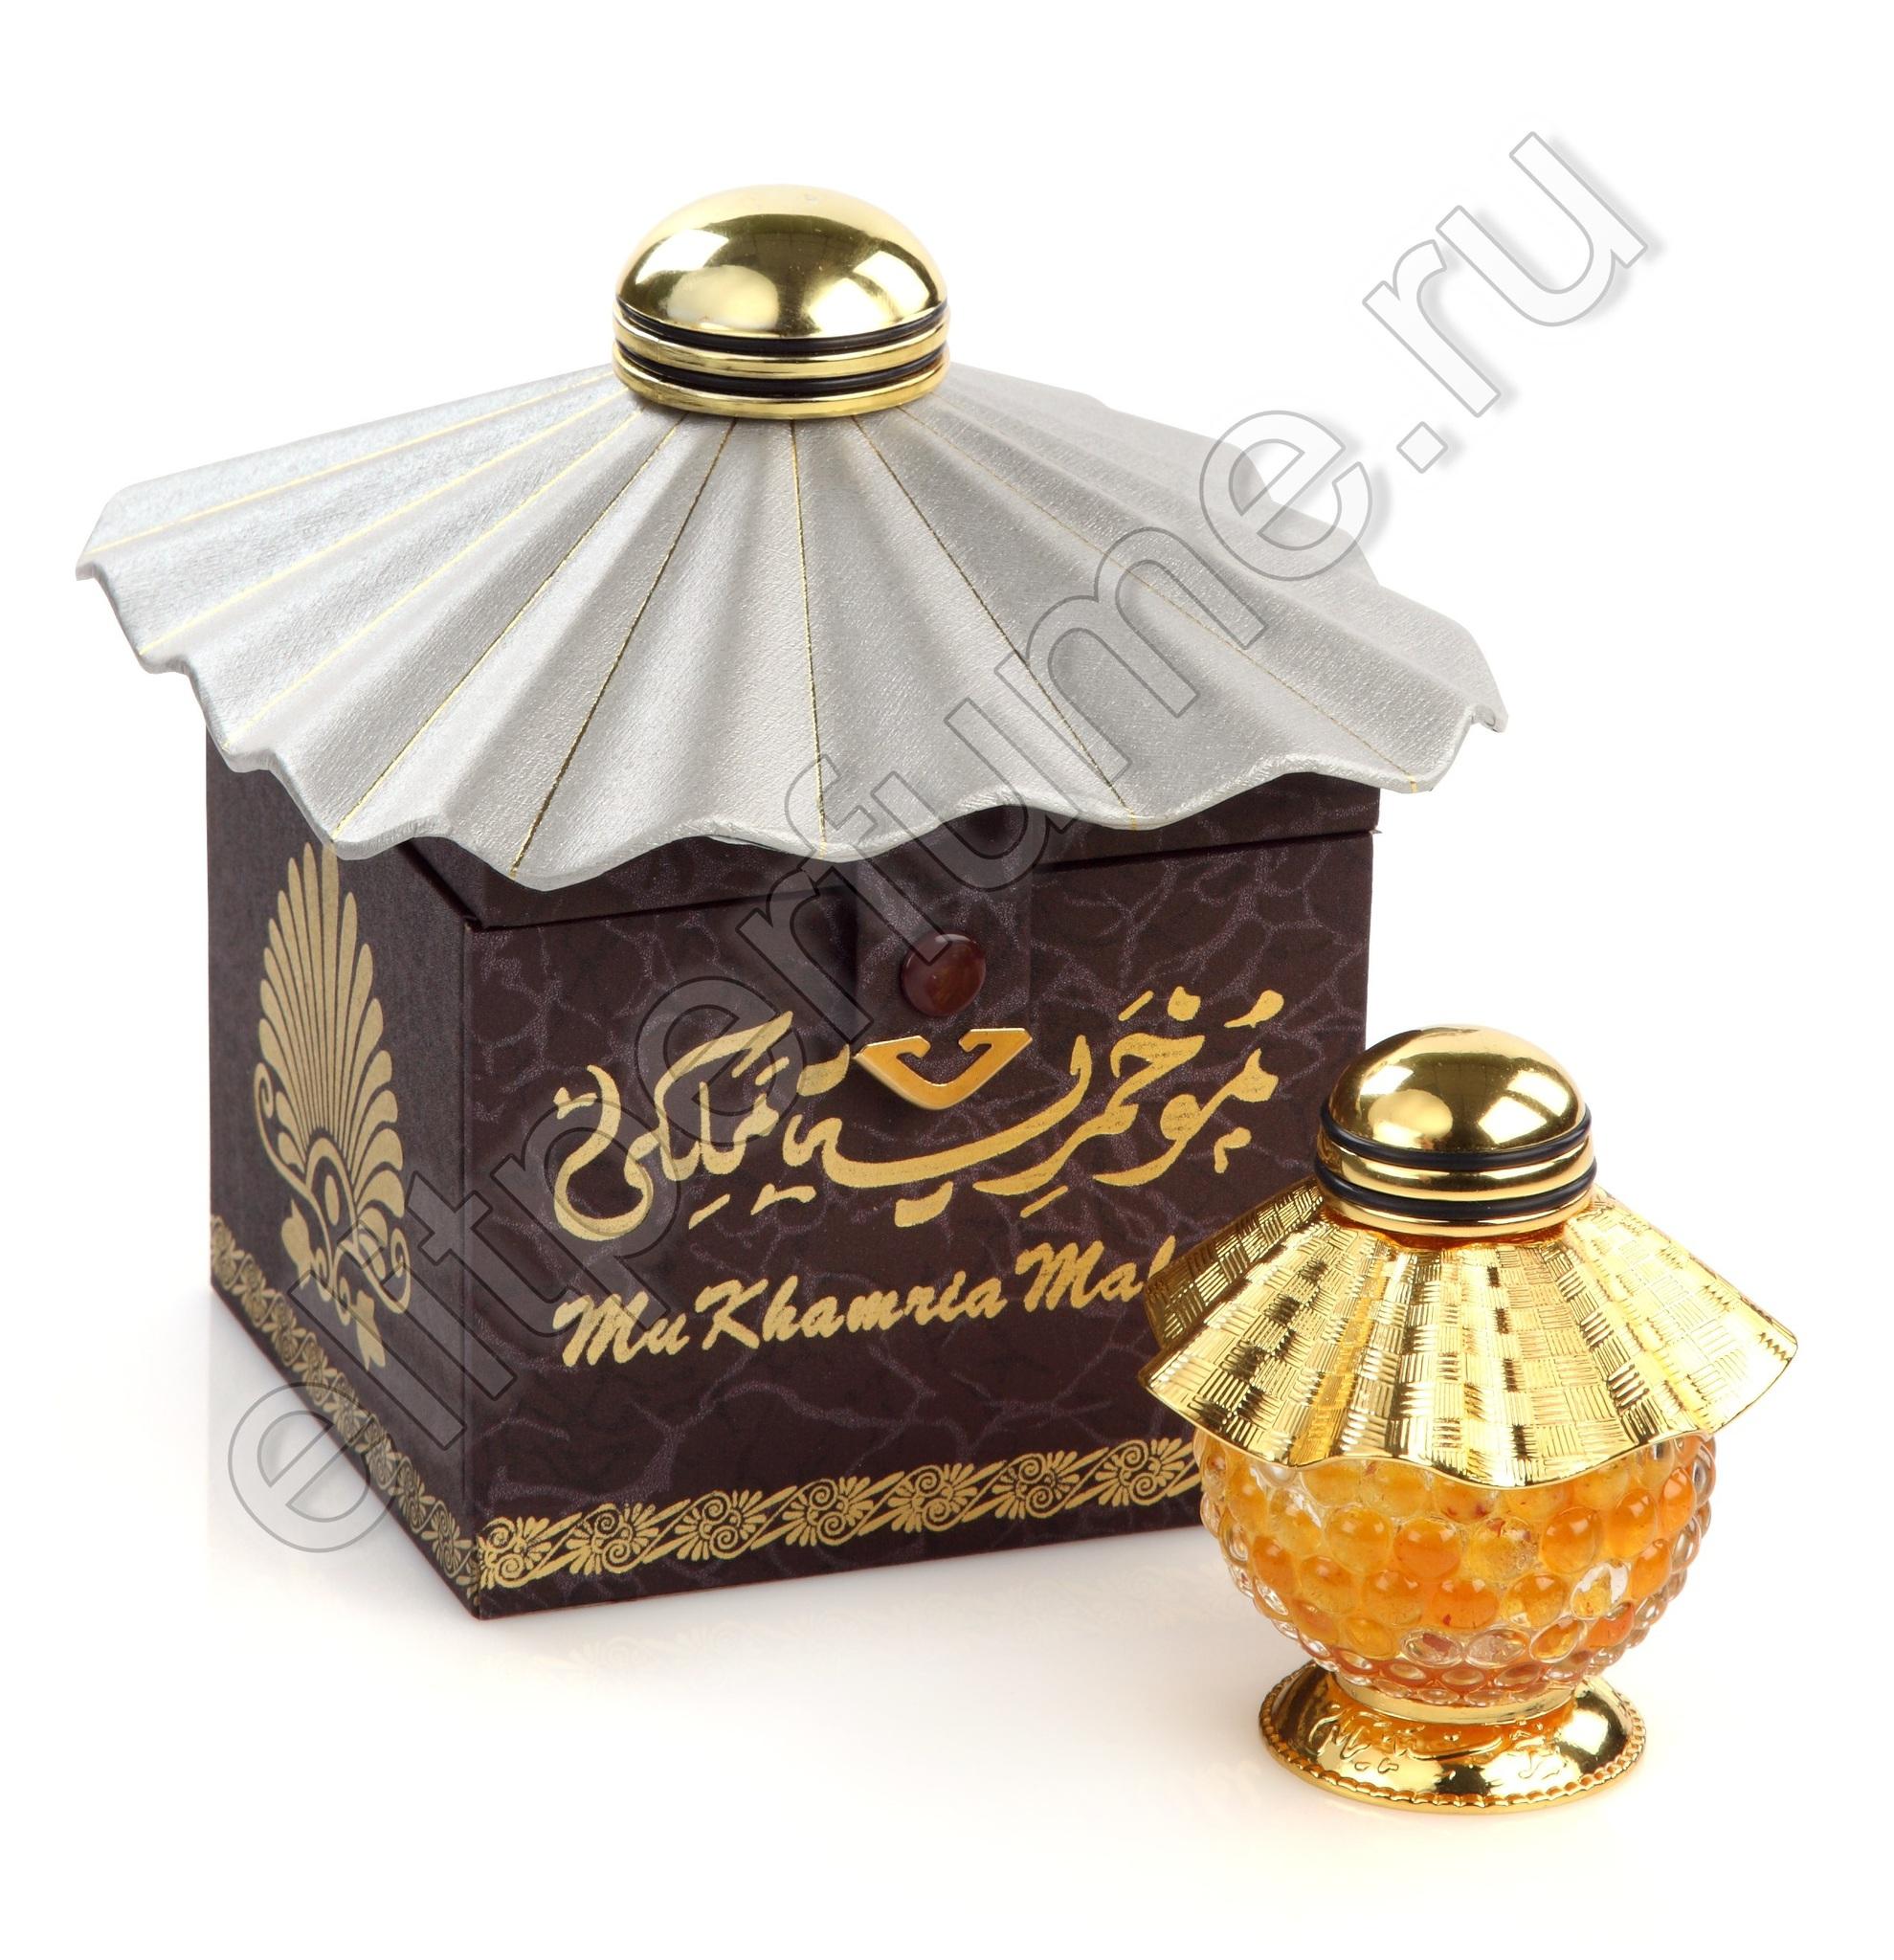 Арабские духи Мухамрия Малики